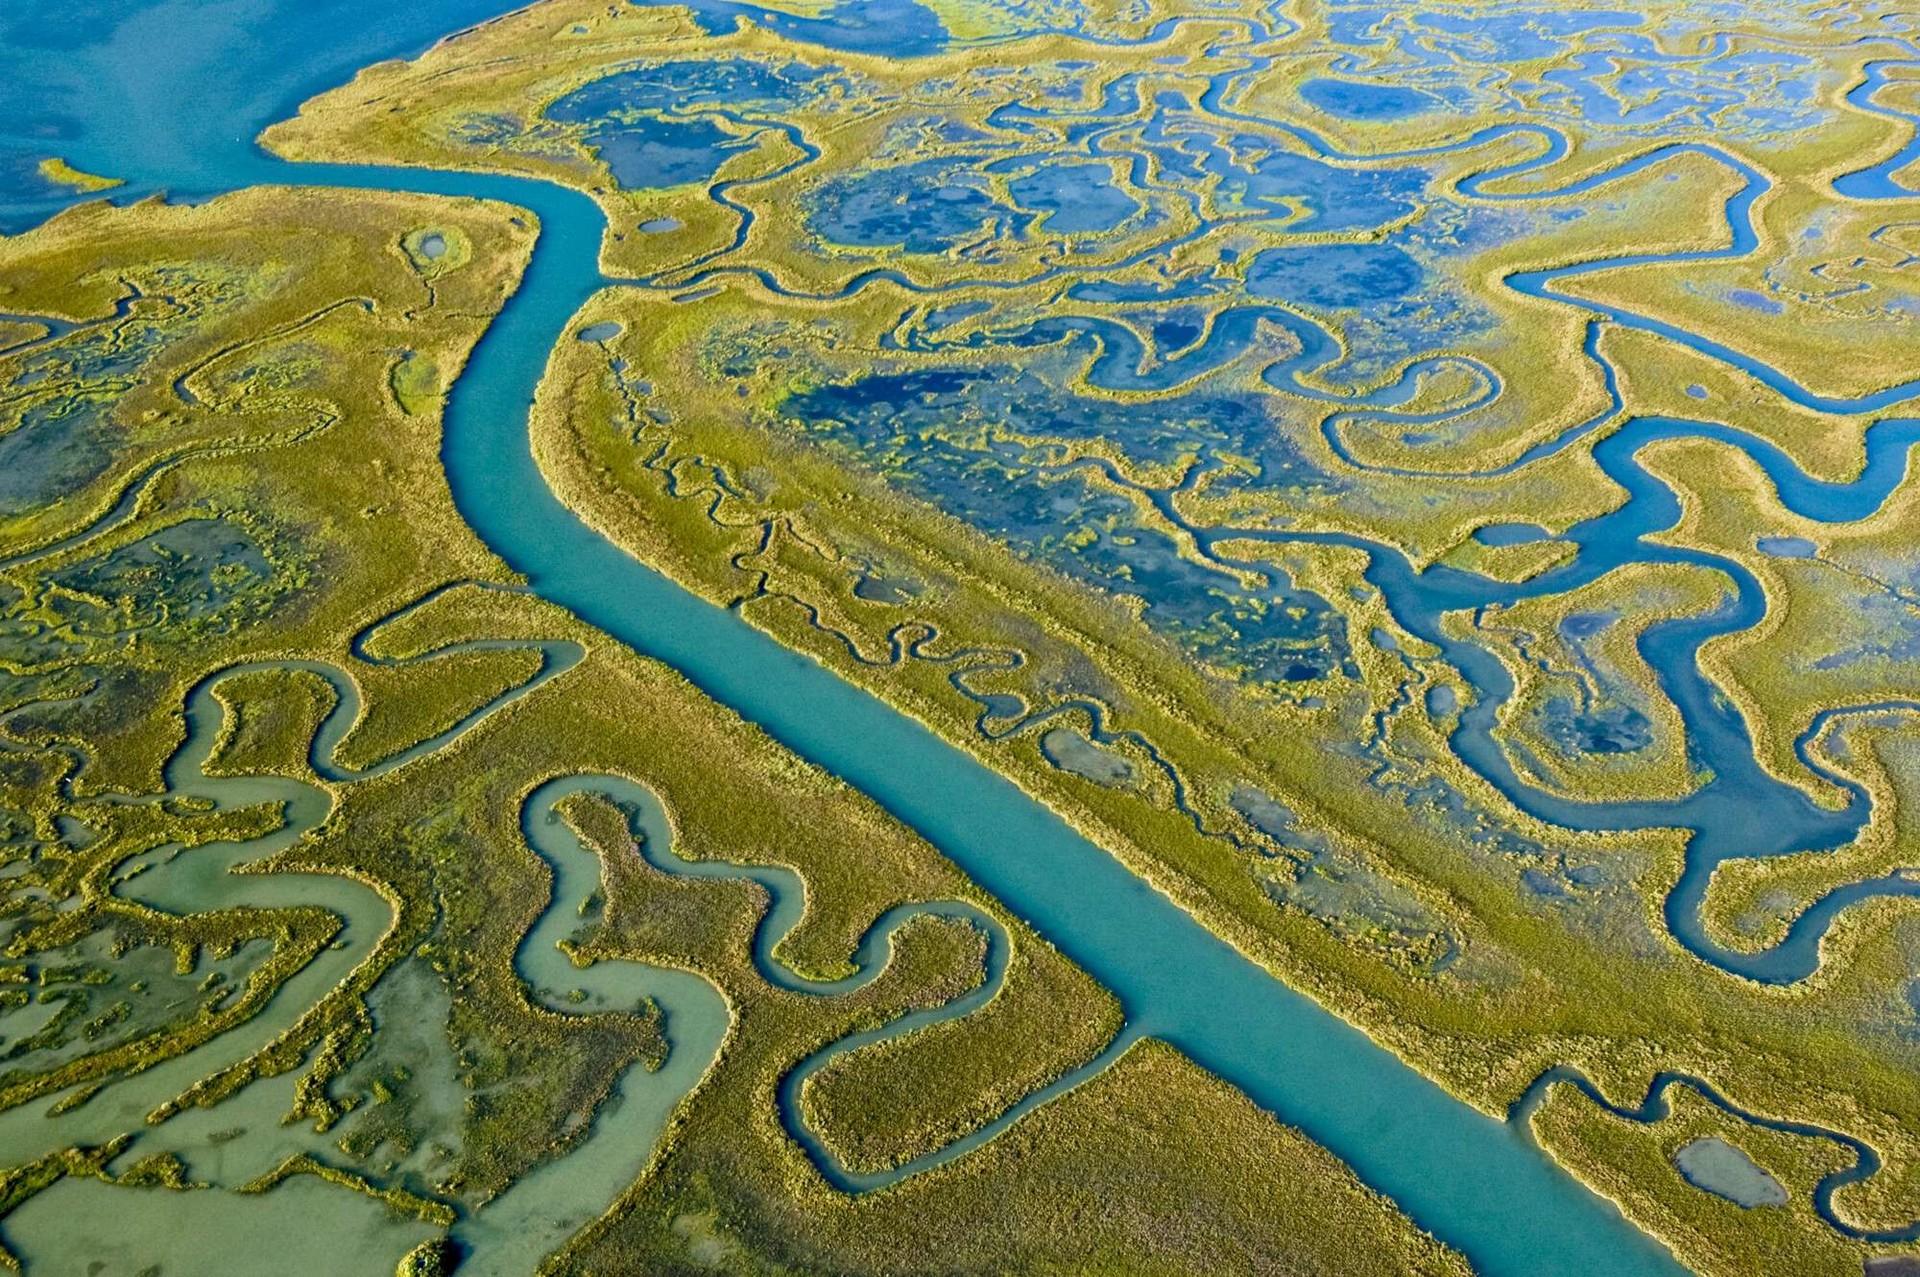 Vista aerea della Laguna di Venezia